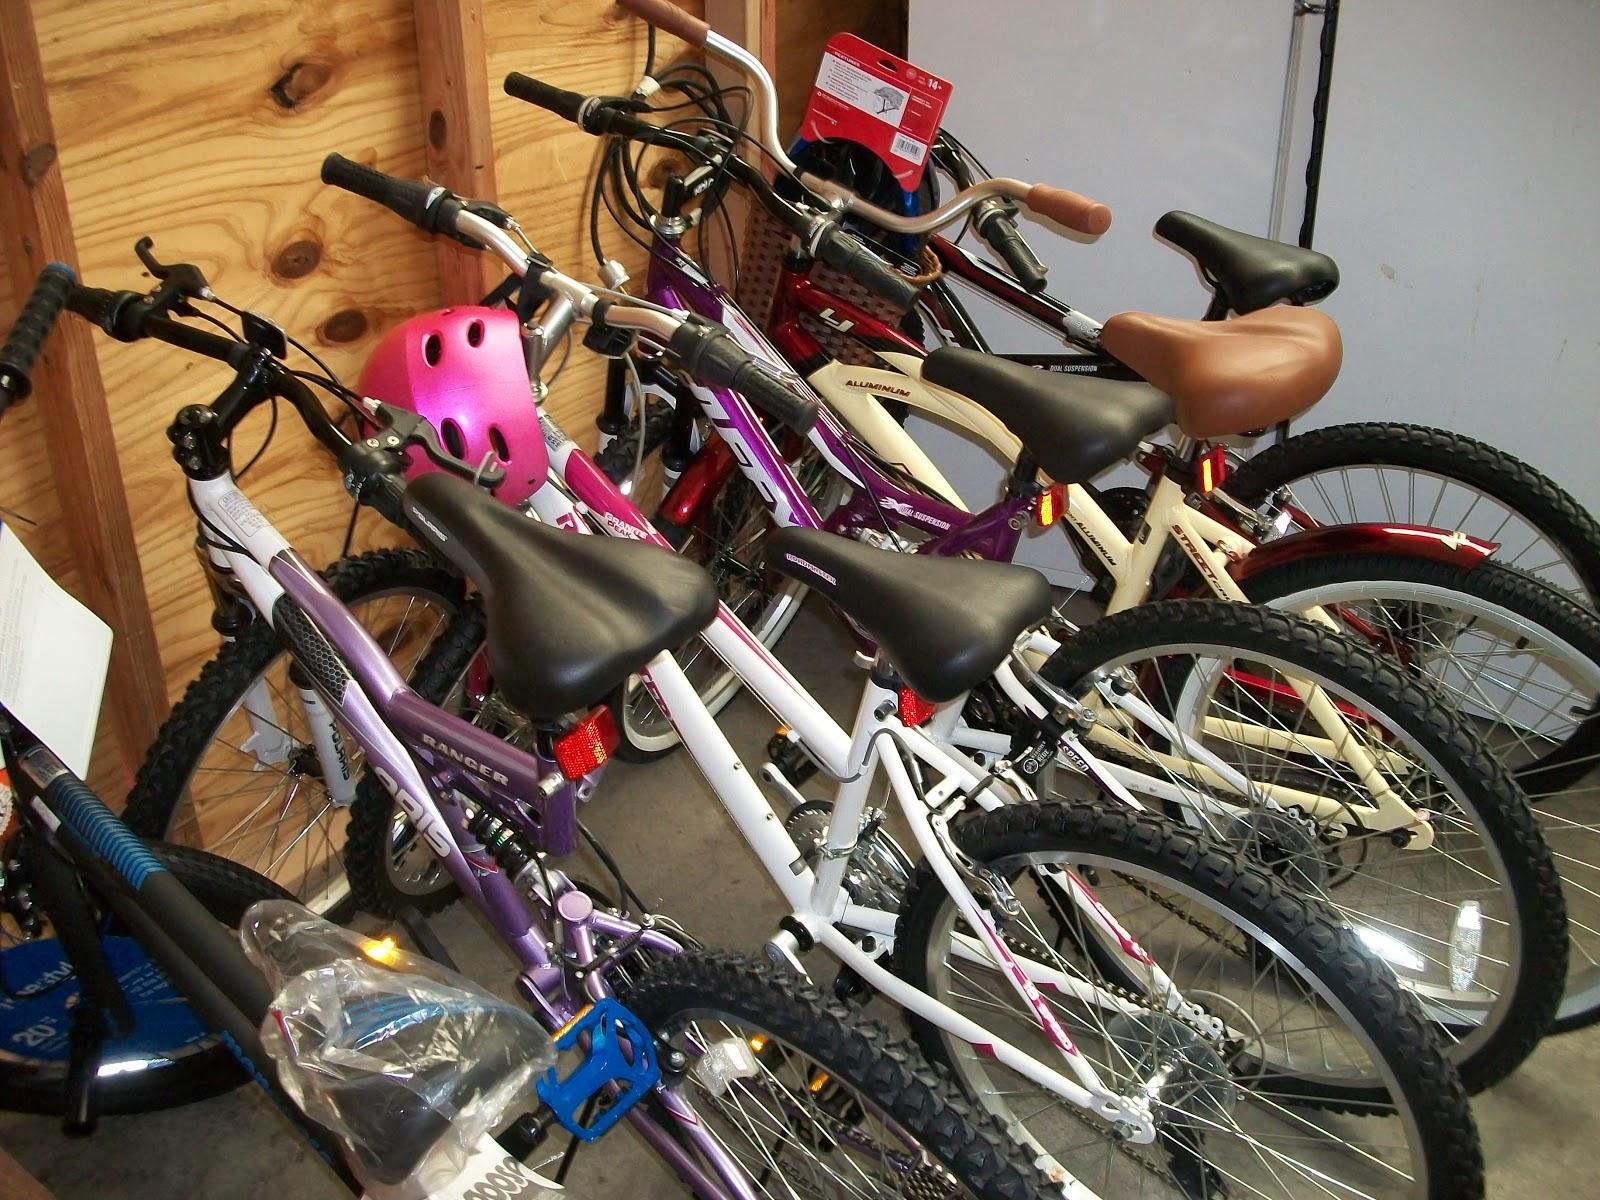 Big Bike Donation The Settlement Home For Children